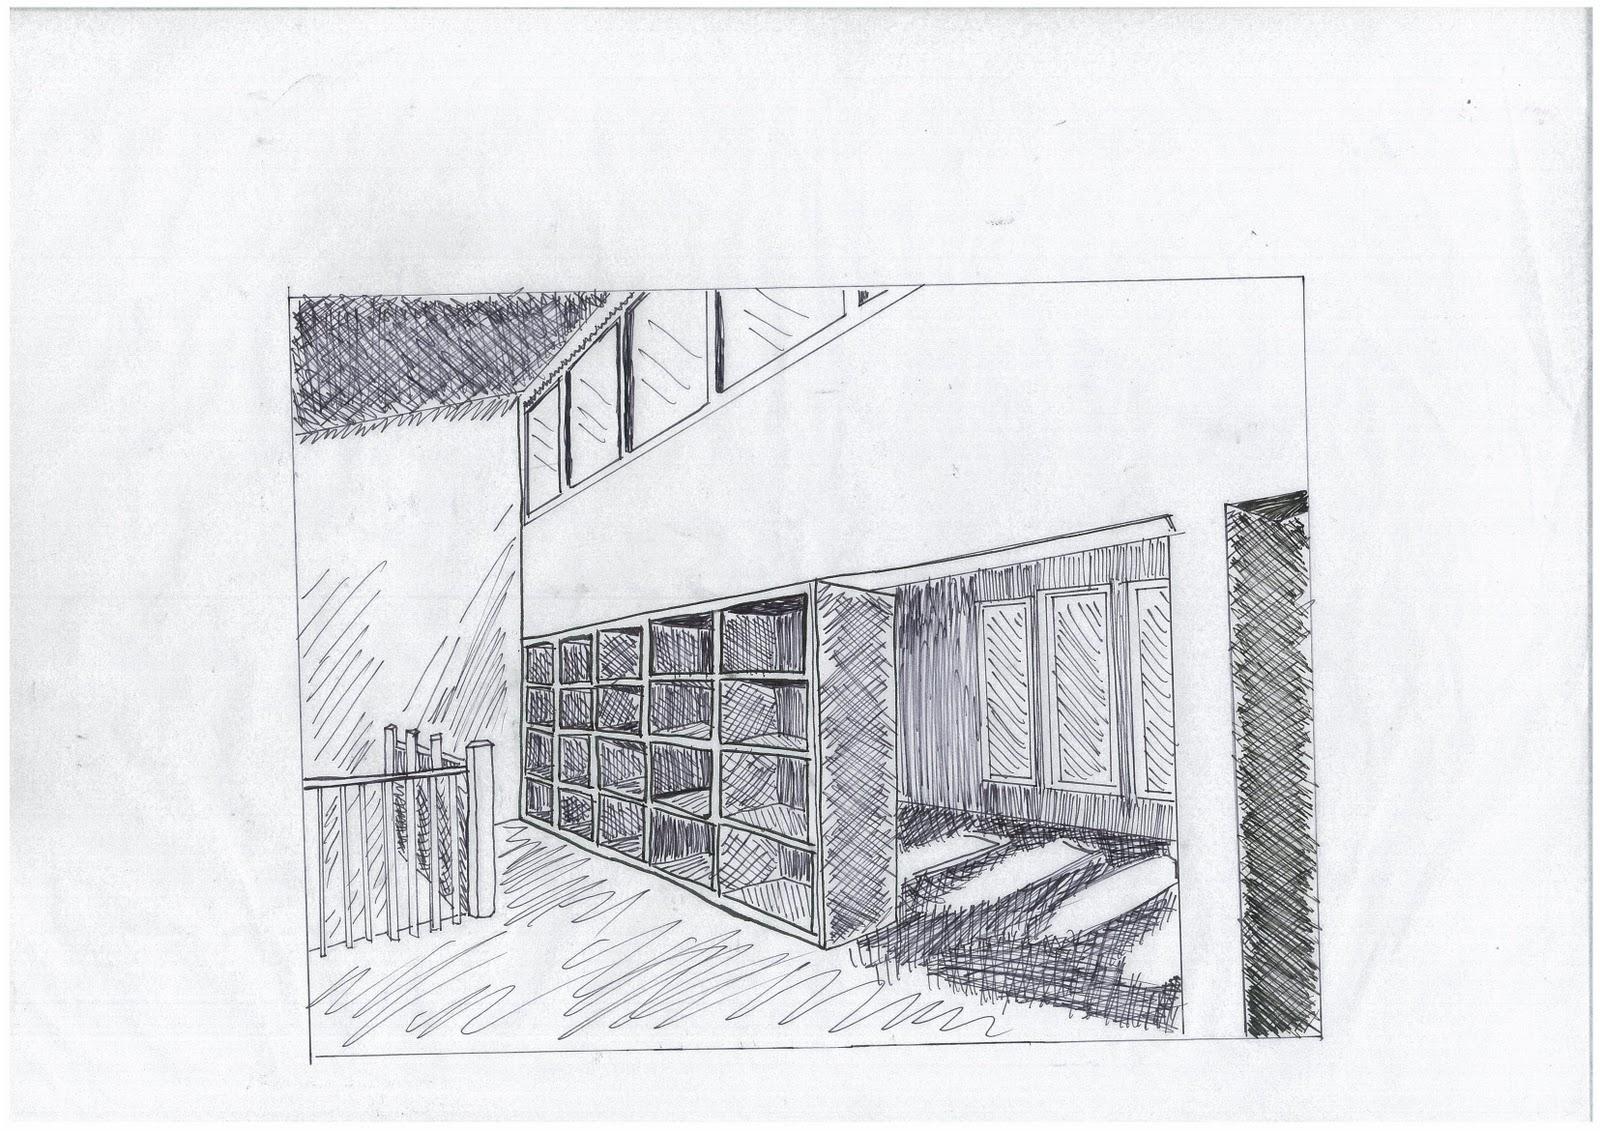 ARCHITECTURE : SJ18a-3 internal+2 external